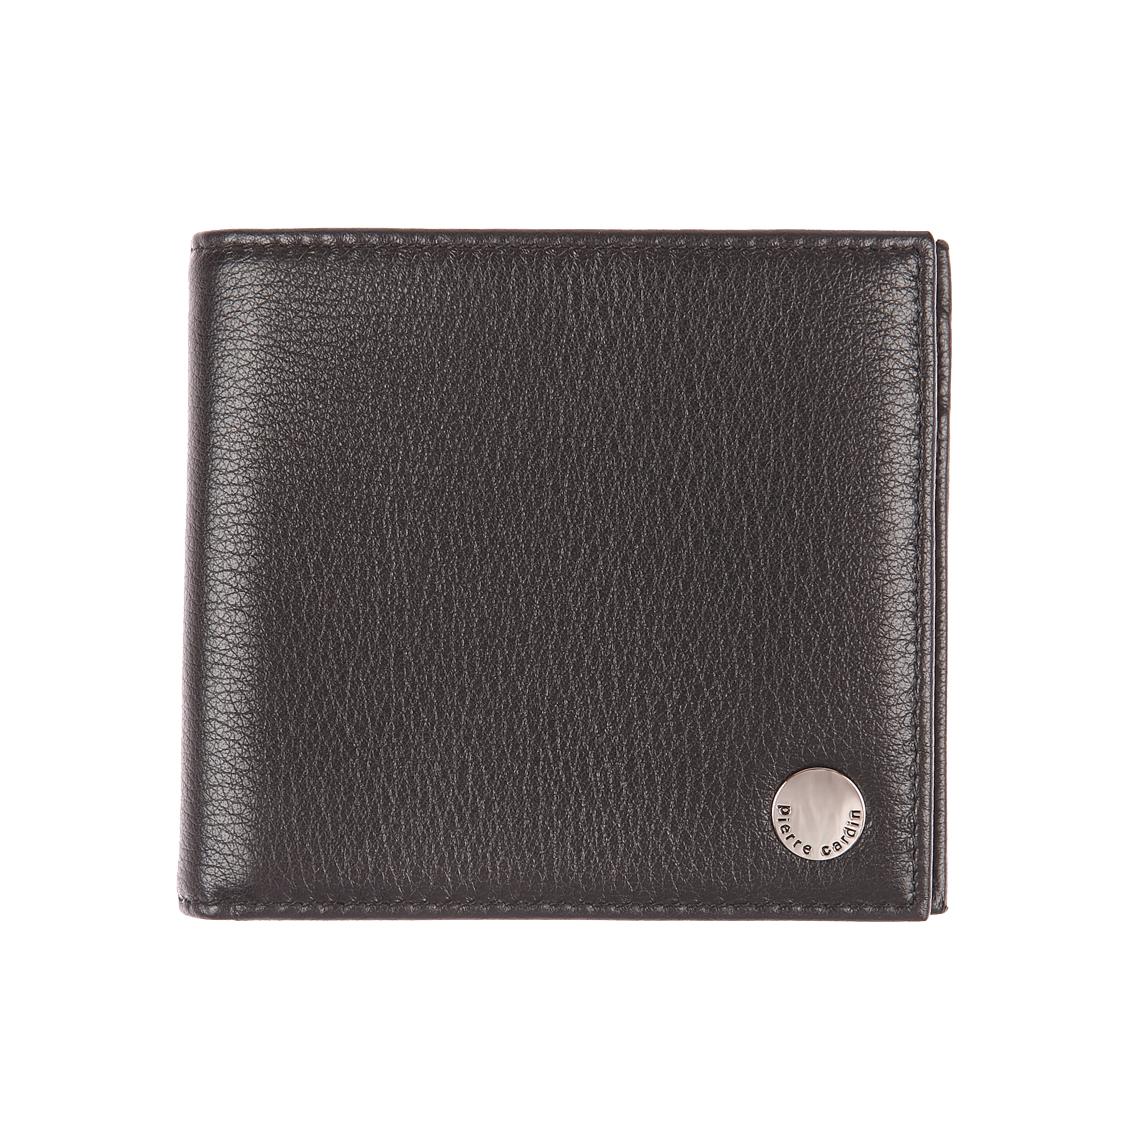 Portefeuille italien 2 volets pierre cardin en cuir grainé noir, porte-monnaie intégré